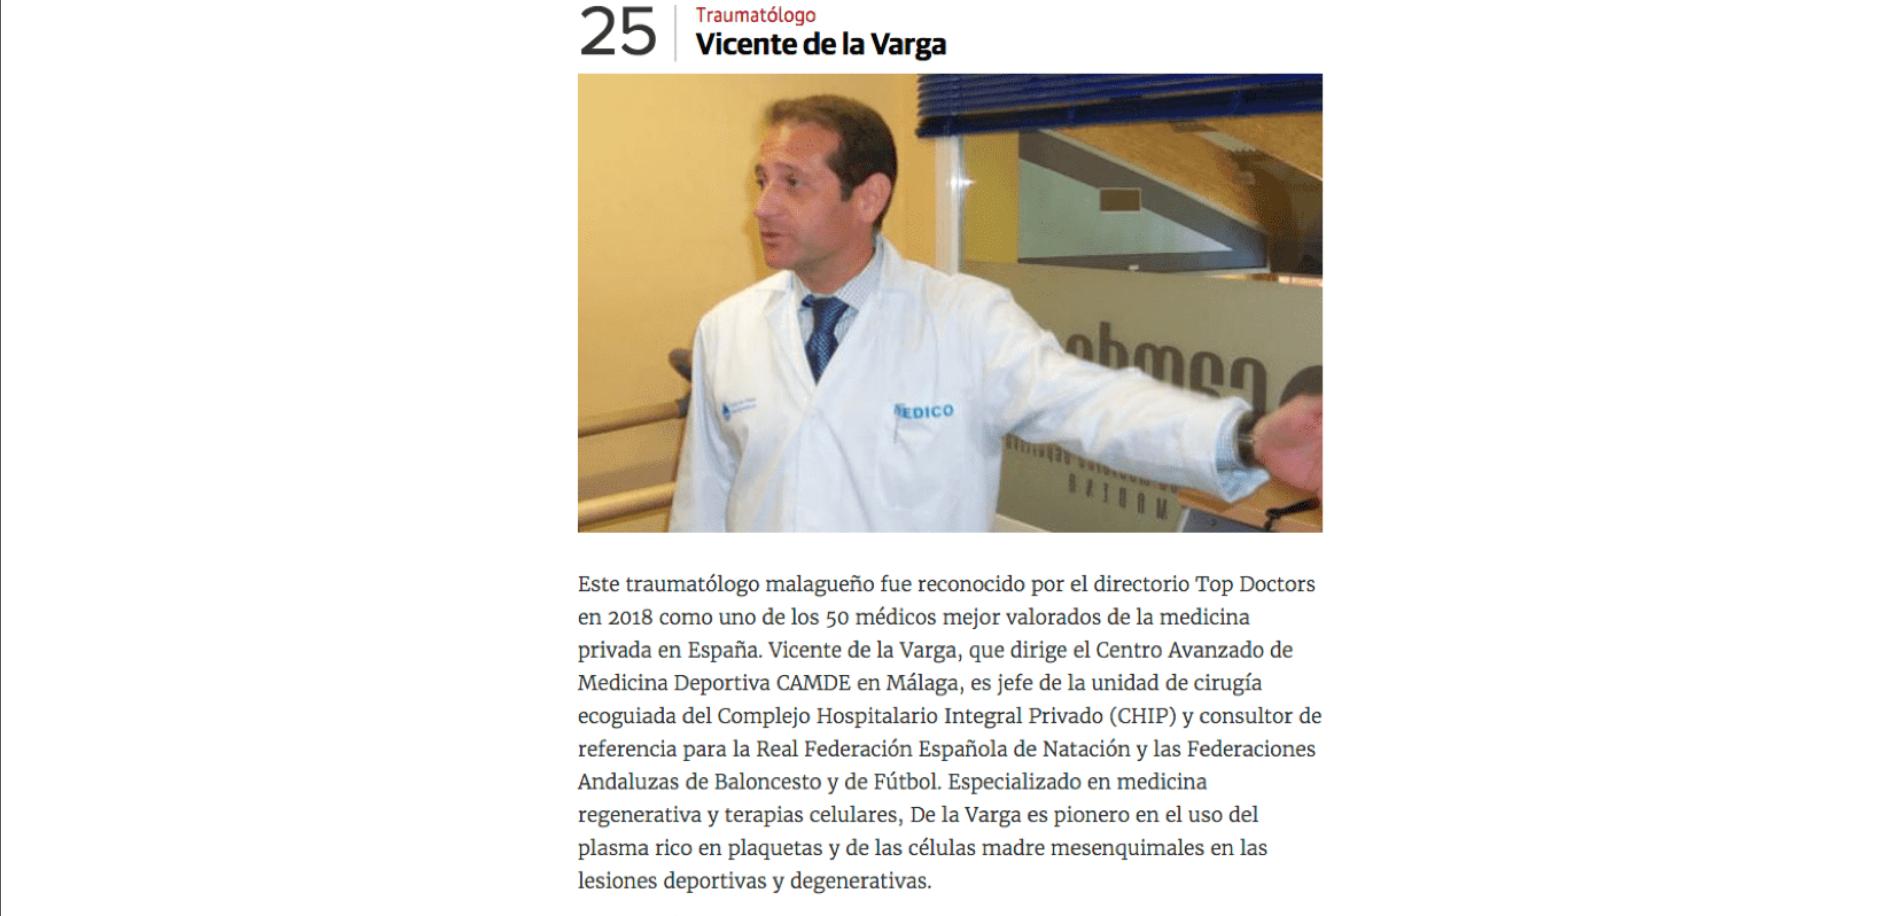 """Diario SUR: """"Los 26 médicos de prestigio que ejercen en Málaga"""""""